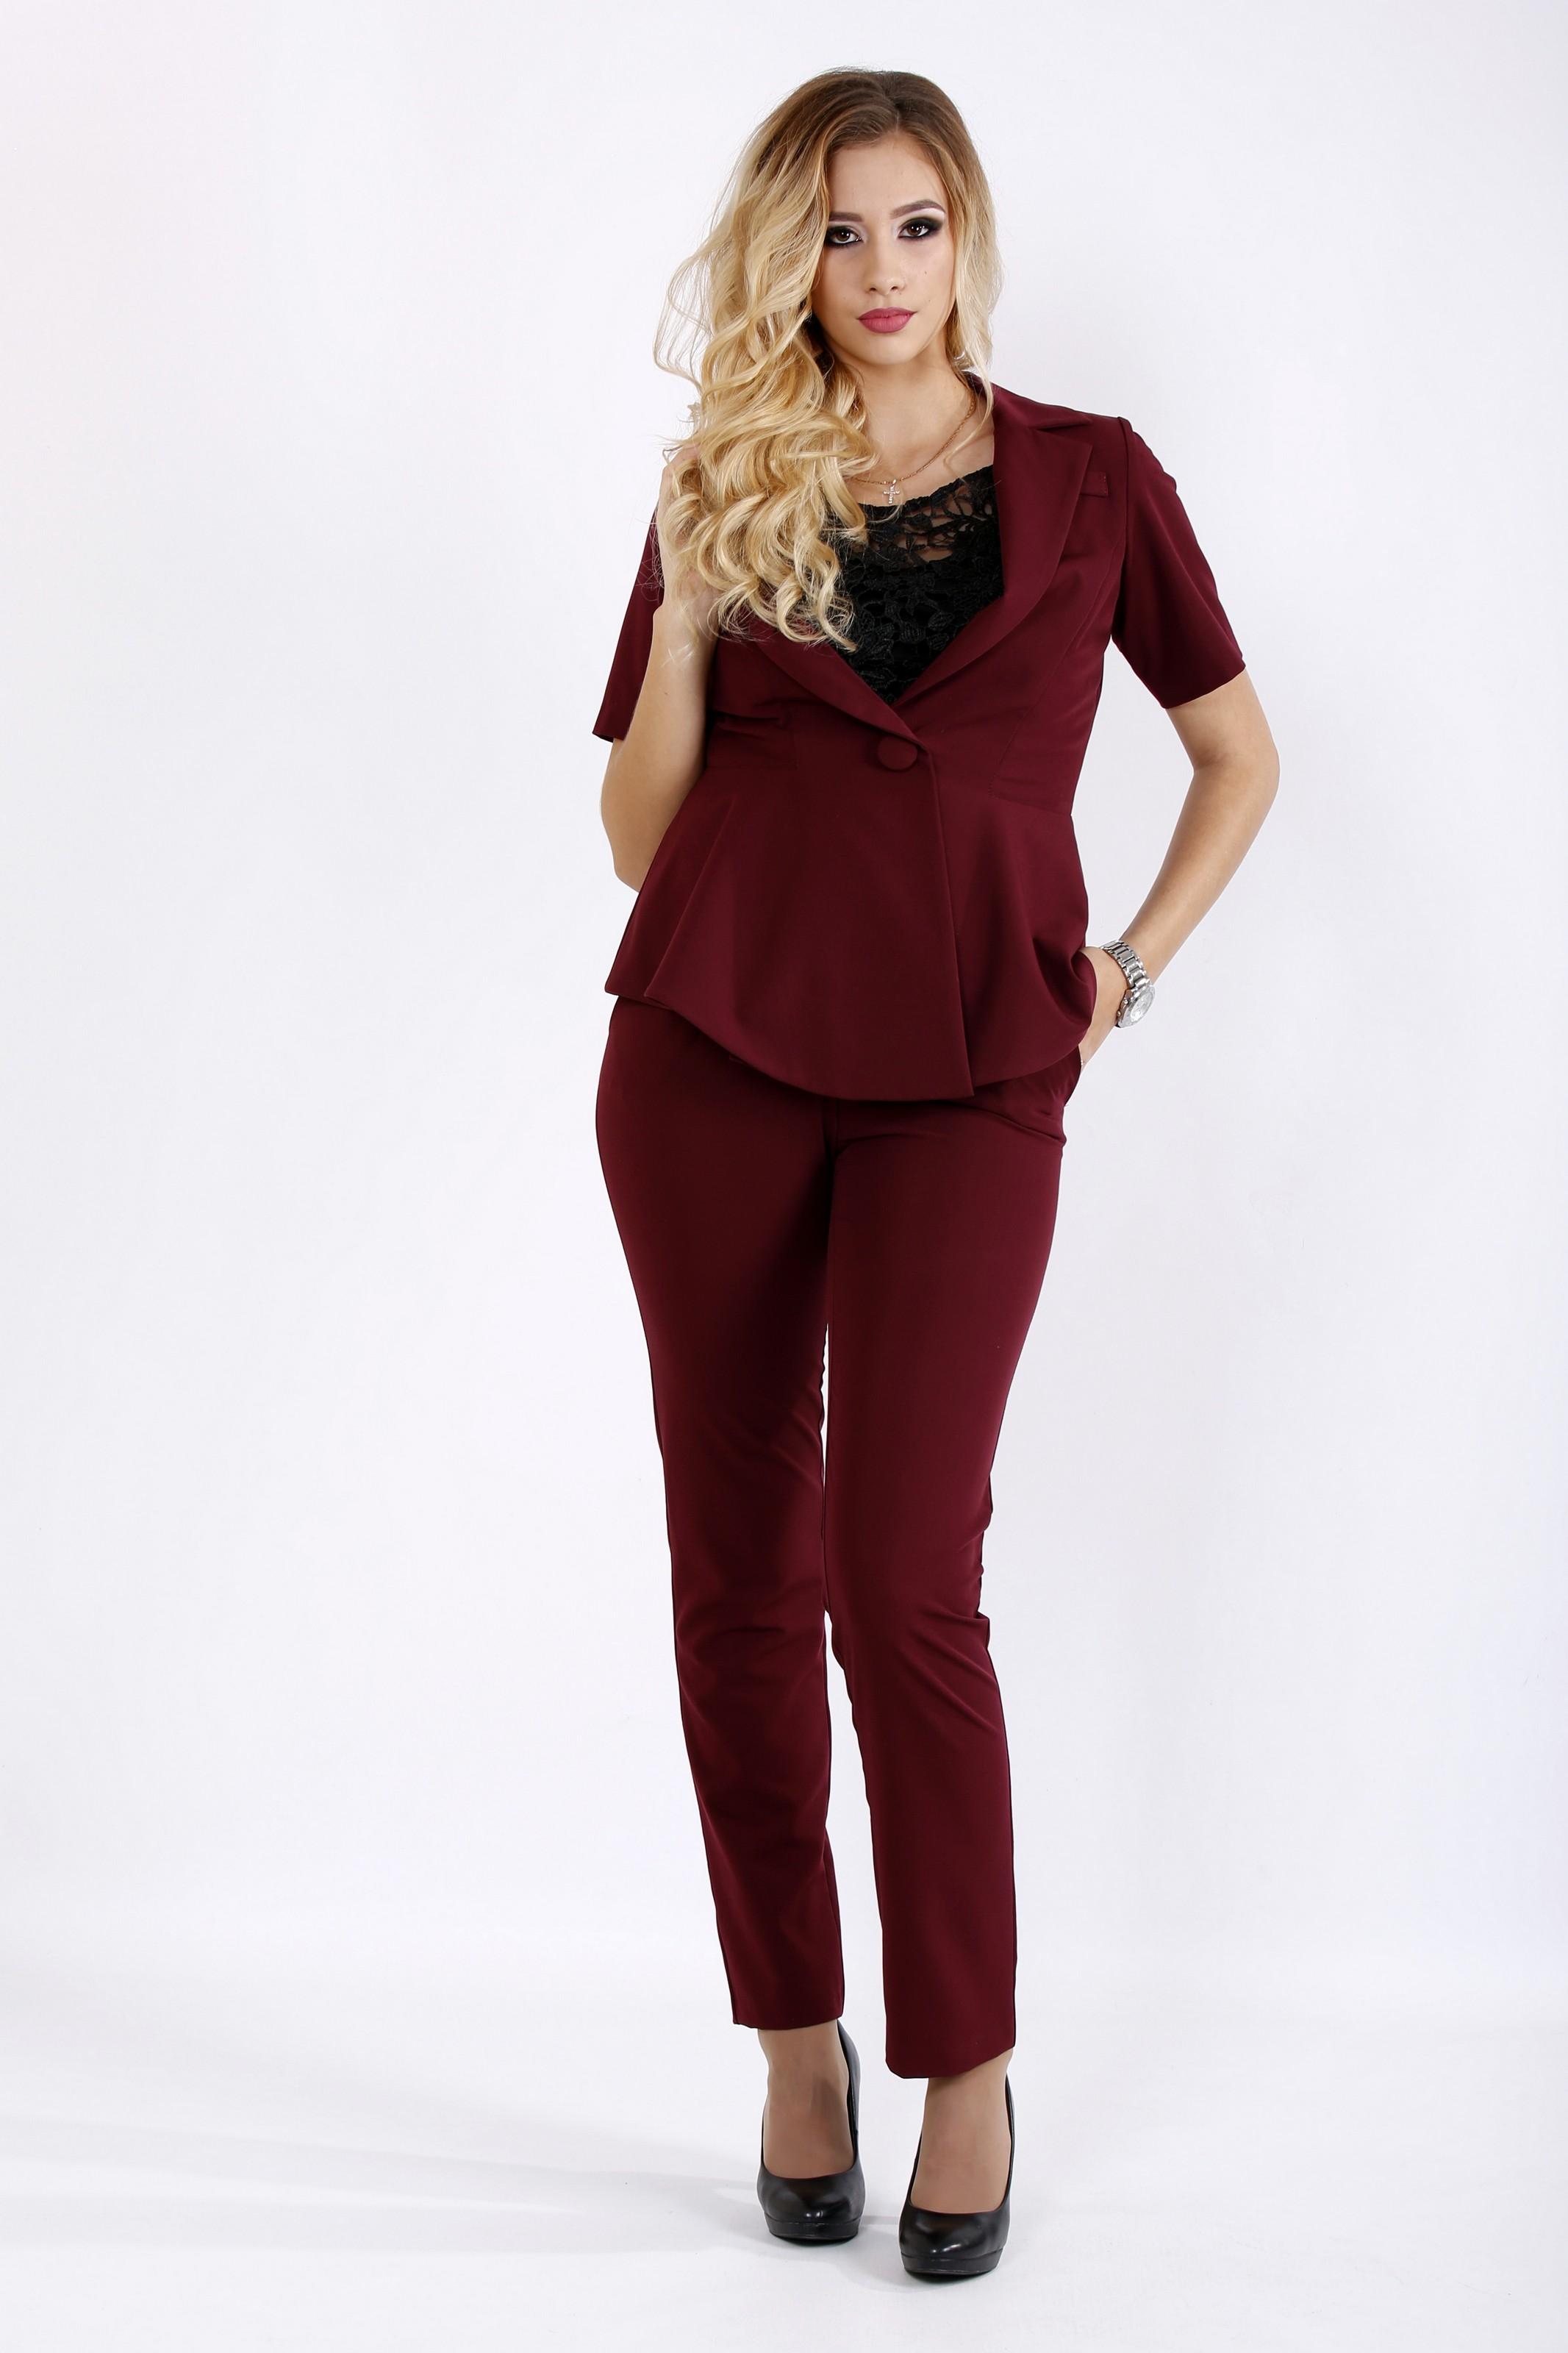 Простий і стильний бордовий костюм | 0948-1 - SvitStyle